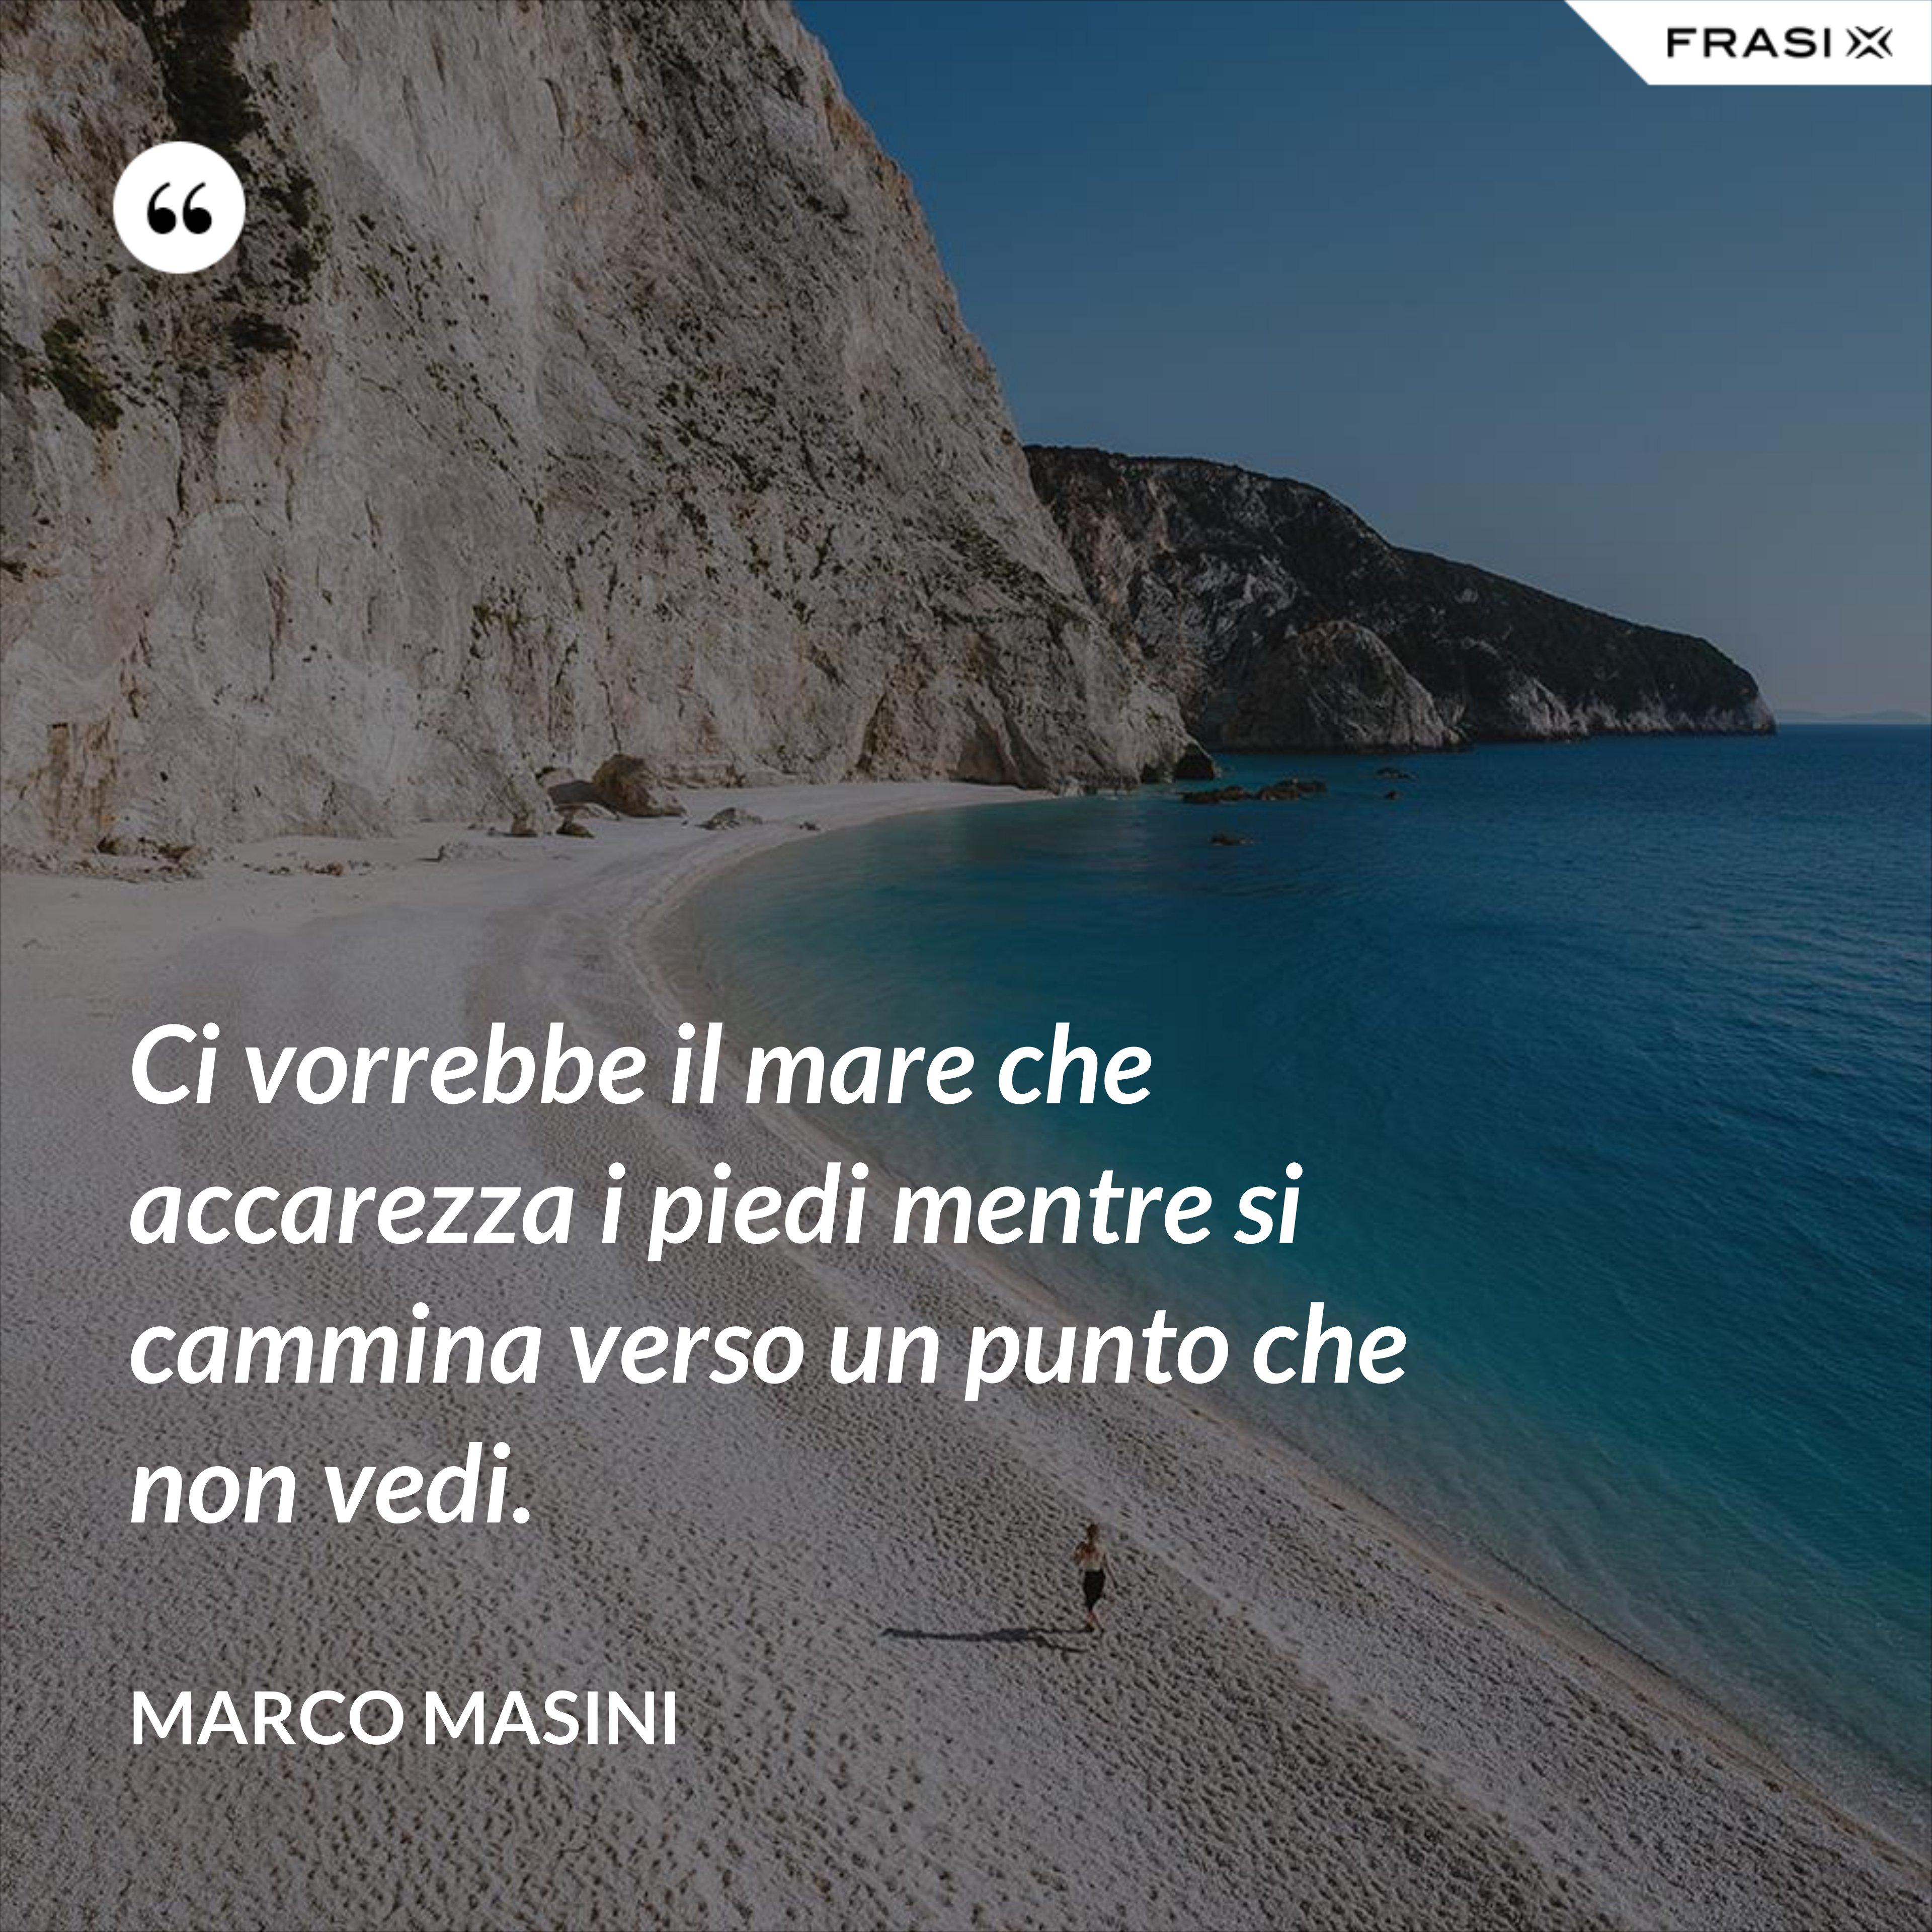 Ci vorrebbe il mare che accarezza i piedi mentre si cammina verso un punto che non vedi. - Marco Masini